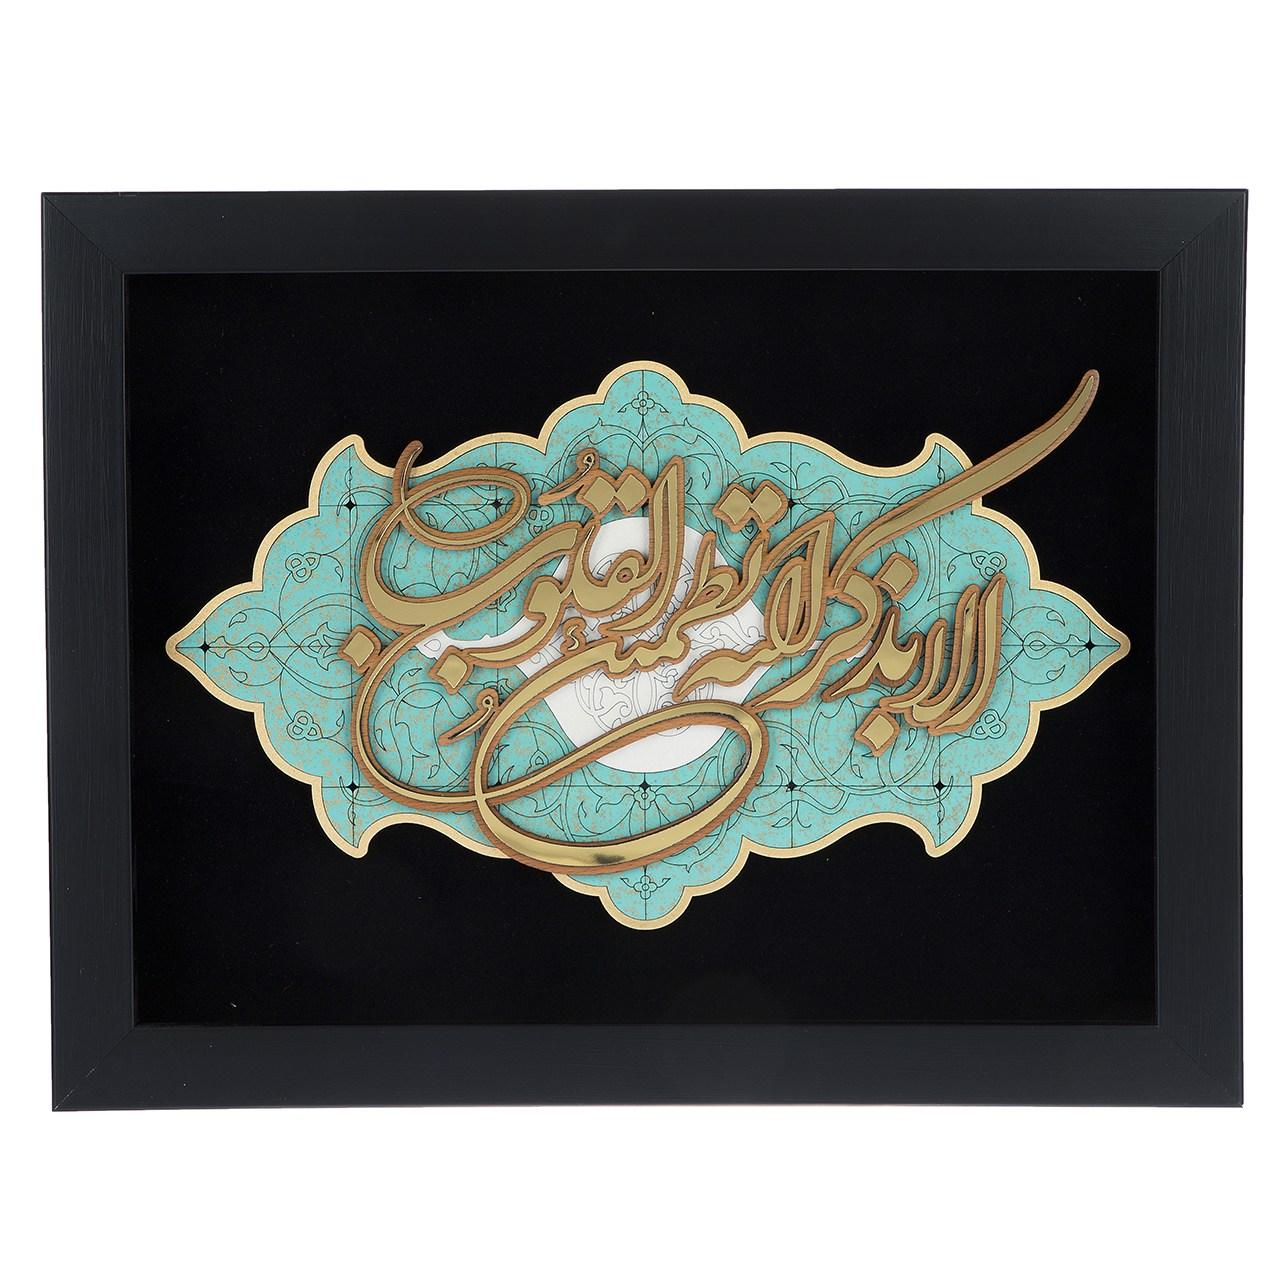 تابلو معرق دی ان دی طرح خوشنویسی آیه الا بذکر الله کد TJ 022